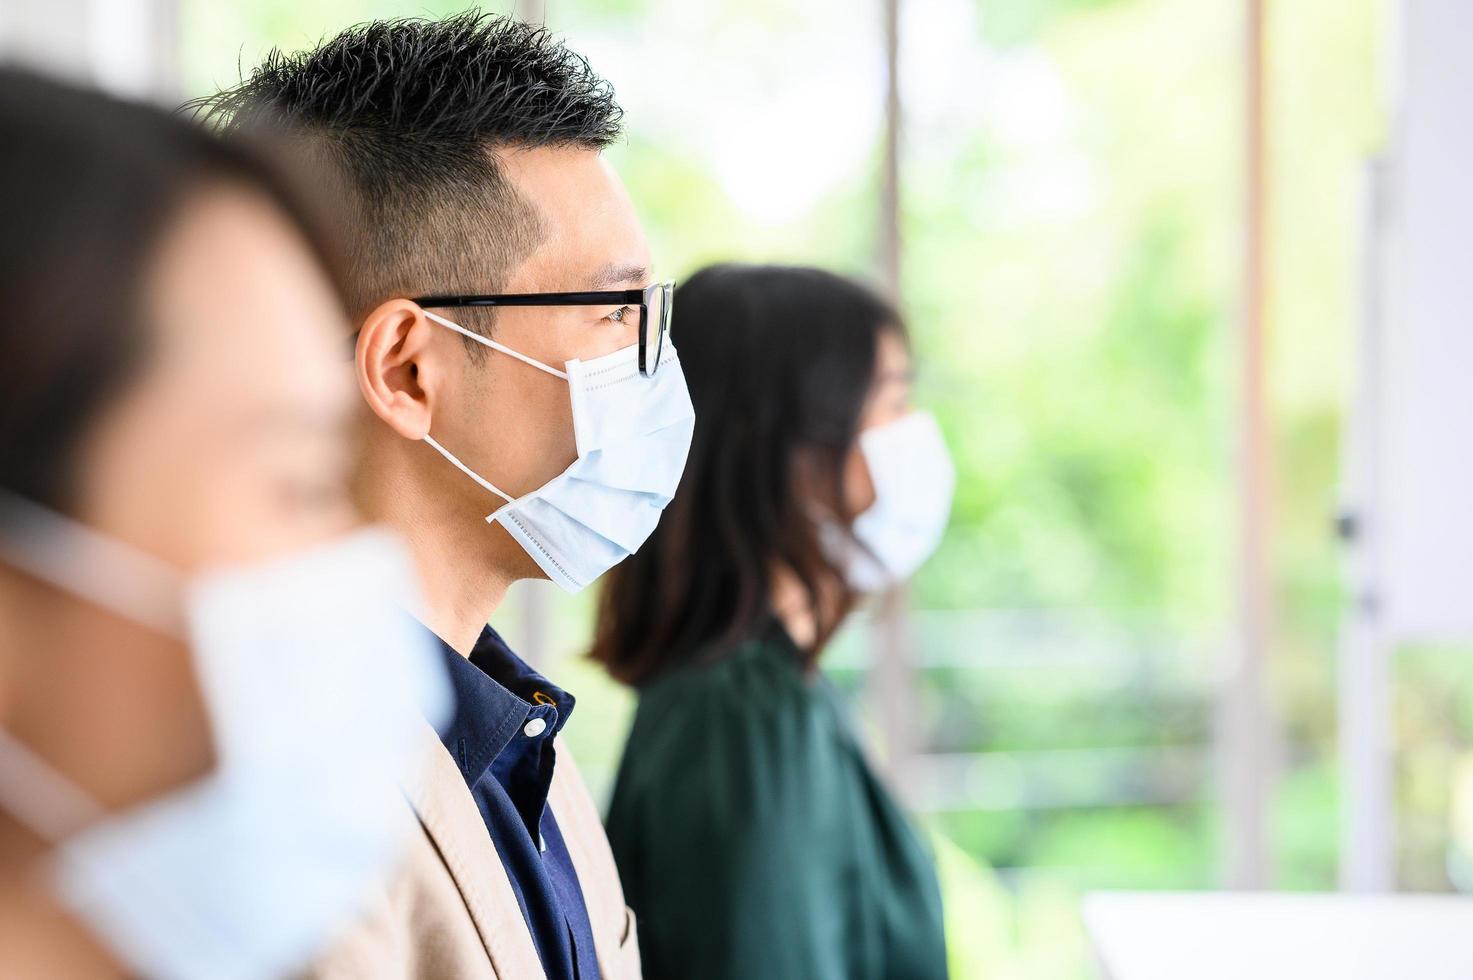 groupe de personnes asiatiques portant des masques de protection pour la sécurité photo